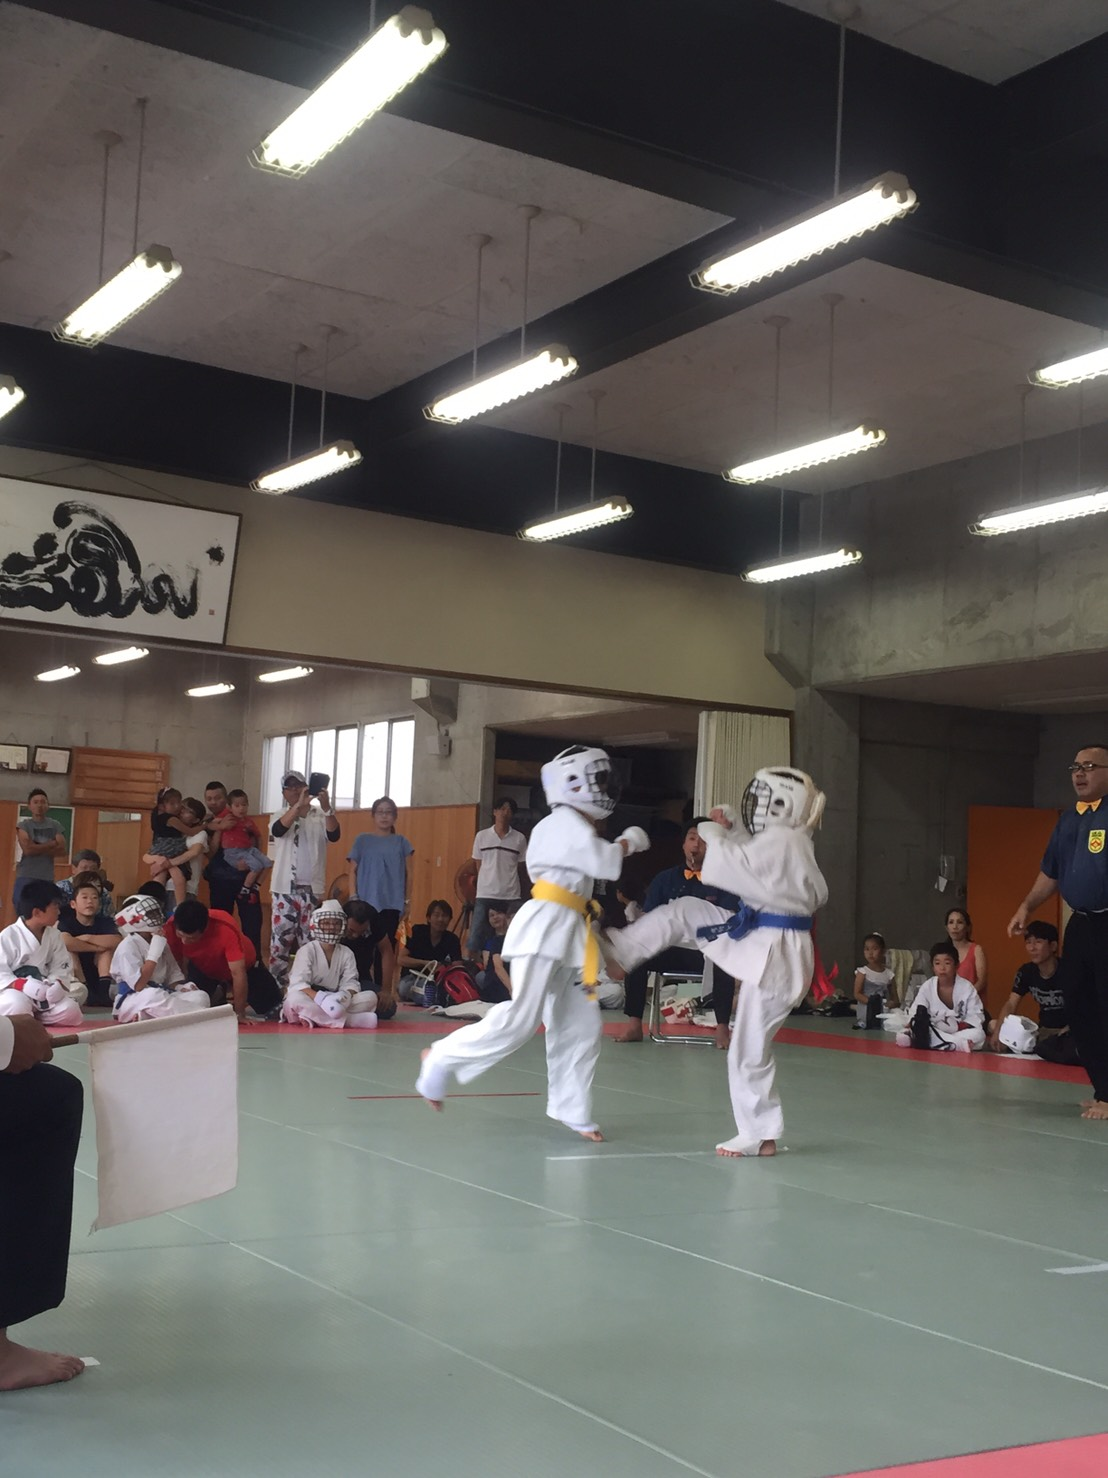 http://www.kyokushin-chibaminami.com/images/1470147284474.jpg